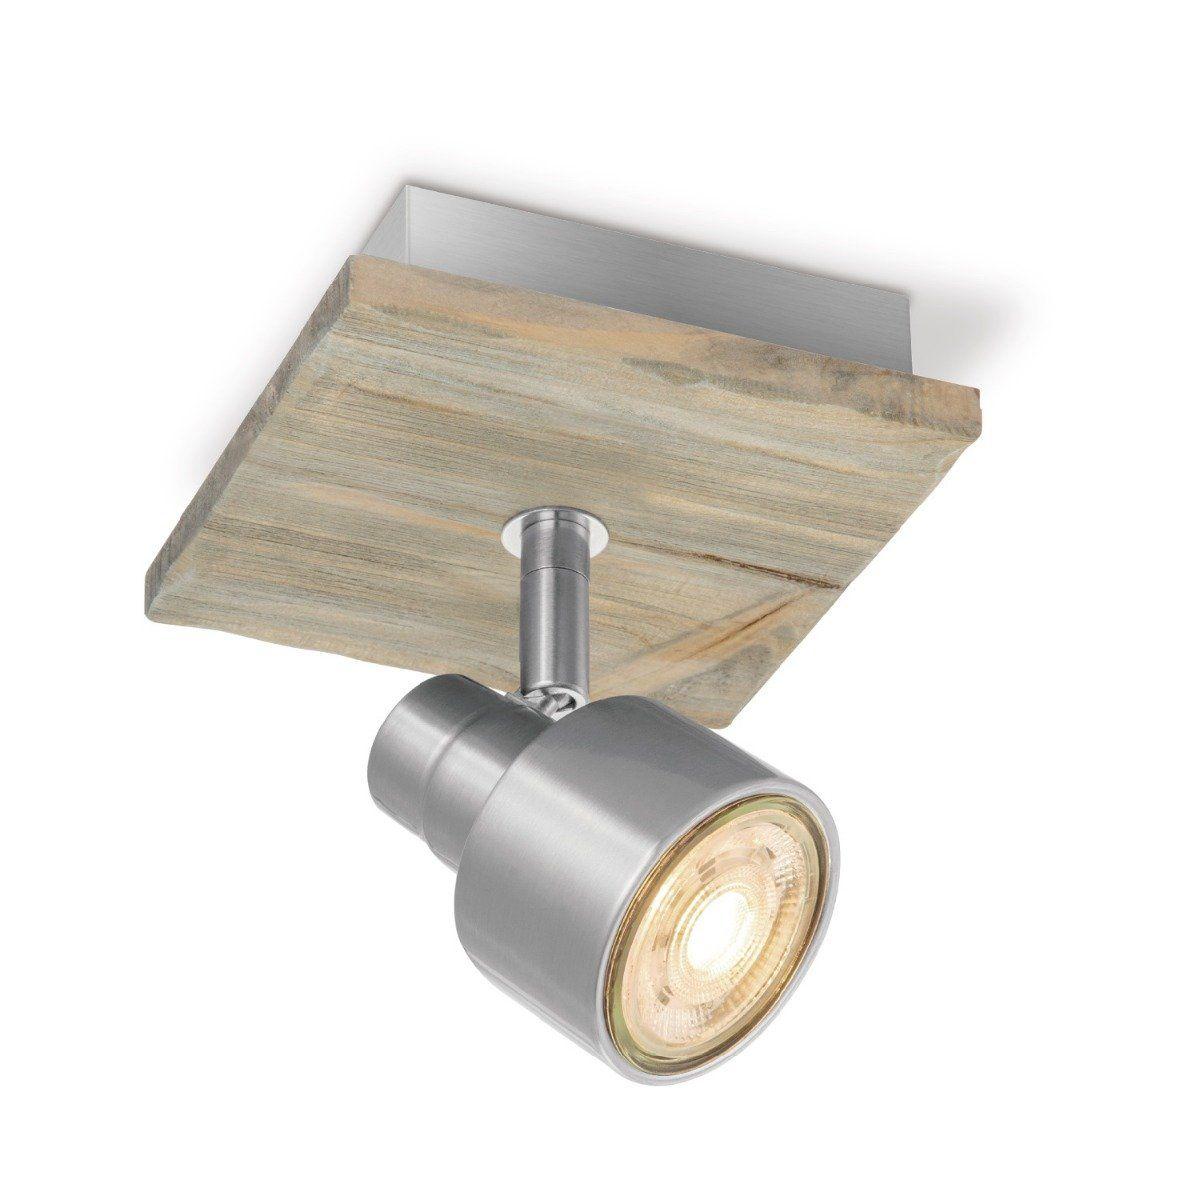 Home sweet home LED opbouwspot Drift ↔ 12 cm - mat staal